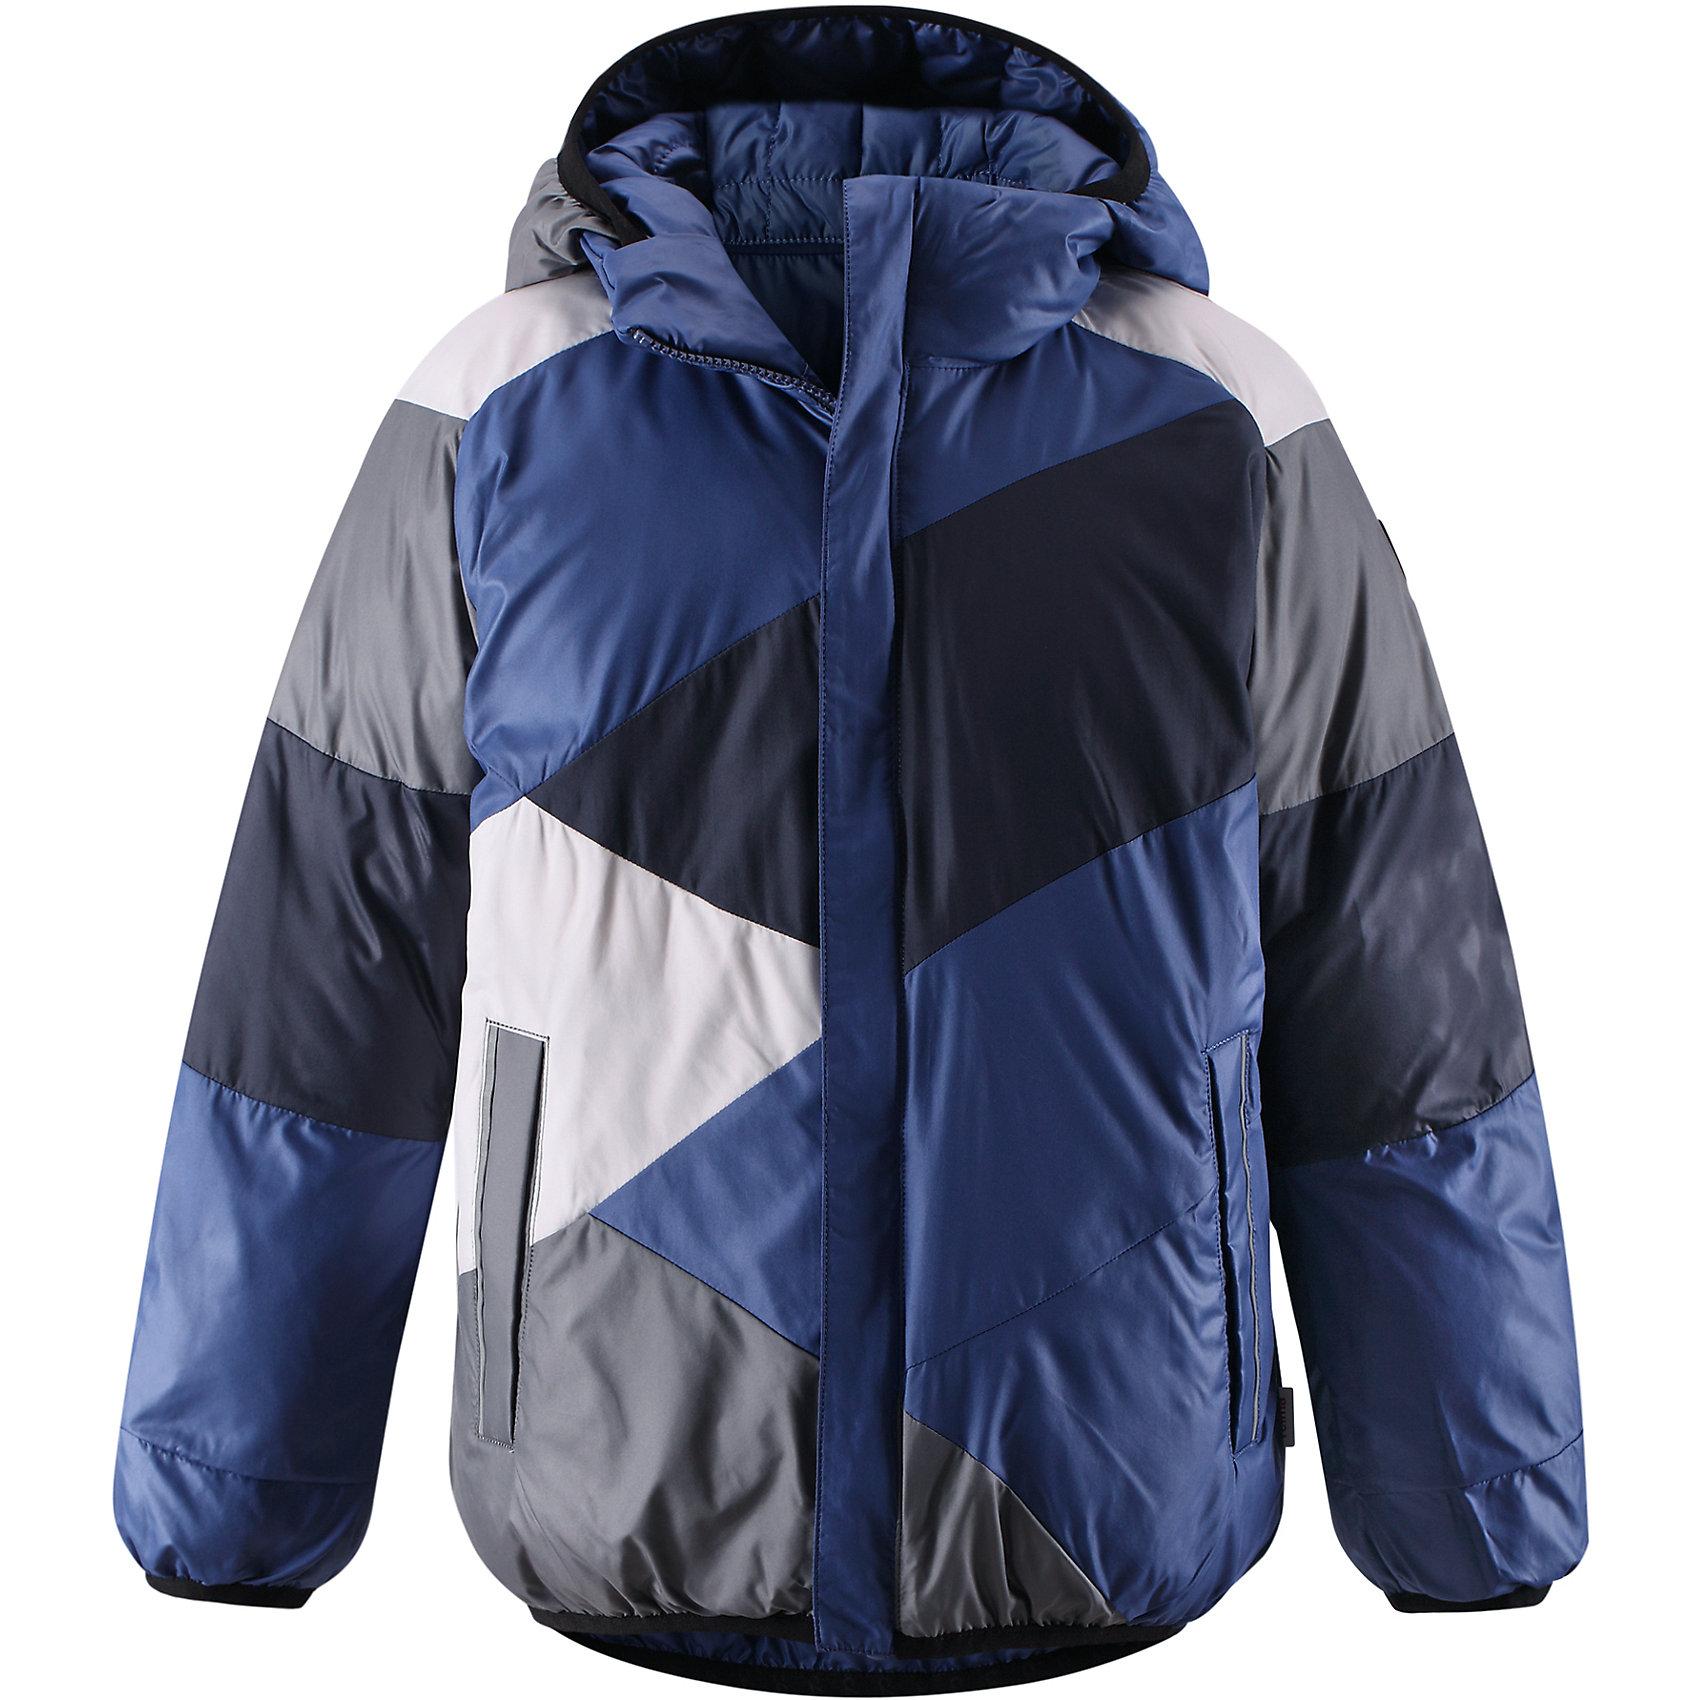 Куртка для мальчика ReimaОдежда<br>Двусторонняя куртка для мальчика от финской марки Reima.<br><br>Сегодня однотонная, а завтра яркая и разноцветная! Этот весёлый двусторонний пуховик для детей согреет любителей прогулок в морозные зимние деньки! Пошит из ветронепроницаемого и пропускающего воздух материала, который отталкивает грязь и влагу.<br><br>В этом пуховике вашему ребёнку будет сухо и тепло на прогулке. Традиционный пуховик прямого покроя со съёмным капюшоном, который защитит от зимнего ветра. На этой великолепной зимней куртке имеется множество светоотражающих деталей, например, светоотражающие канты на карманах. Съёмный капюшон обеспечивает дополнительную надёжность - если закреплённый кнопками капюшон зацепится за что-нибудь, он легко отстегнётся. Выберите свой любимый цвет среди модных в этом сезоне расцветок!<br>- Двусторонний пуховик для подростков<br>- Одна сторона однотонная, другая - разноцветная<br>- Карманы на молниях<br>- Эластичный кант на манжетах рукавов, по краю капюшона и подола<br>- Безопасный съёмный капюшон<br><br>Состав:<br>100% ПЭ<br><br>Ширина мм: 356<br>Глубина мм: 10<br>Высота мм: 245<br>Вес г: 519<br>Цвет: синий<br>Возраст от месяцев: 60<br>Возраст до месяцев: 72<br>Пол: Мужской<br>Возраст: Детский<br>Размер: 116,158,152,140,164,134,122,110,104,128,146<br>SKU: 4632063